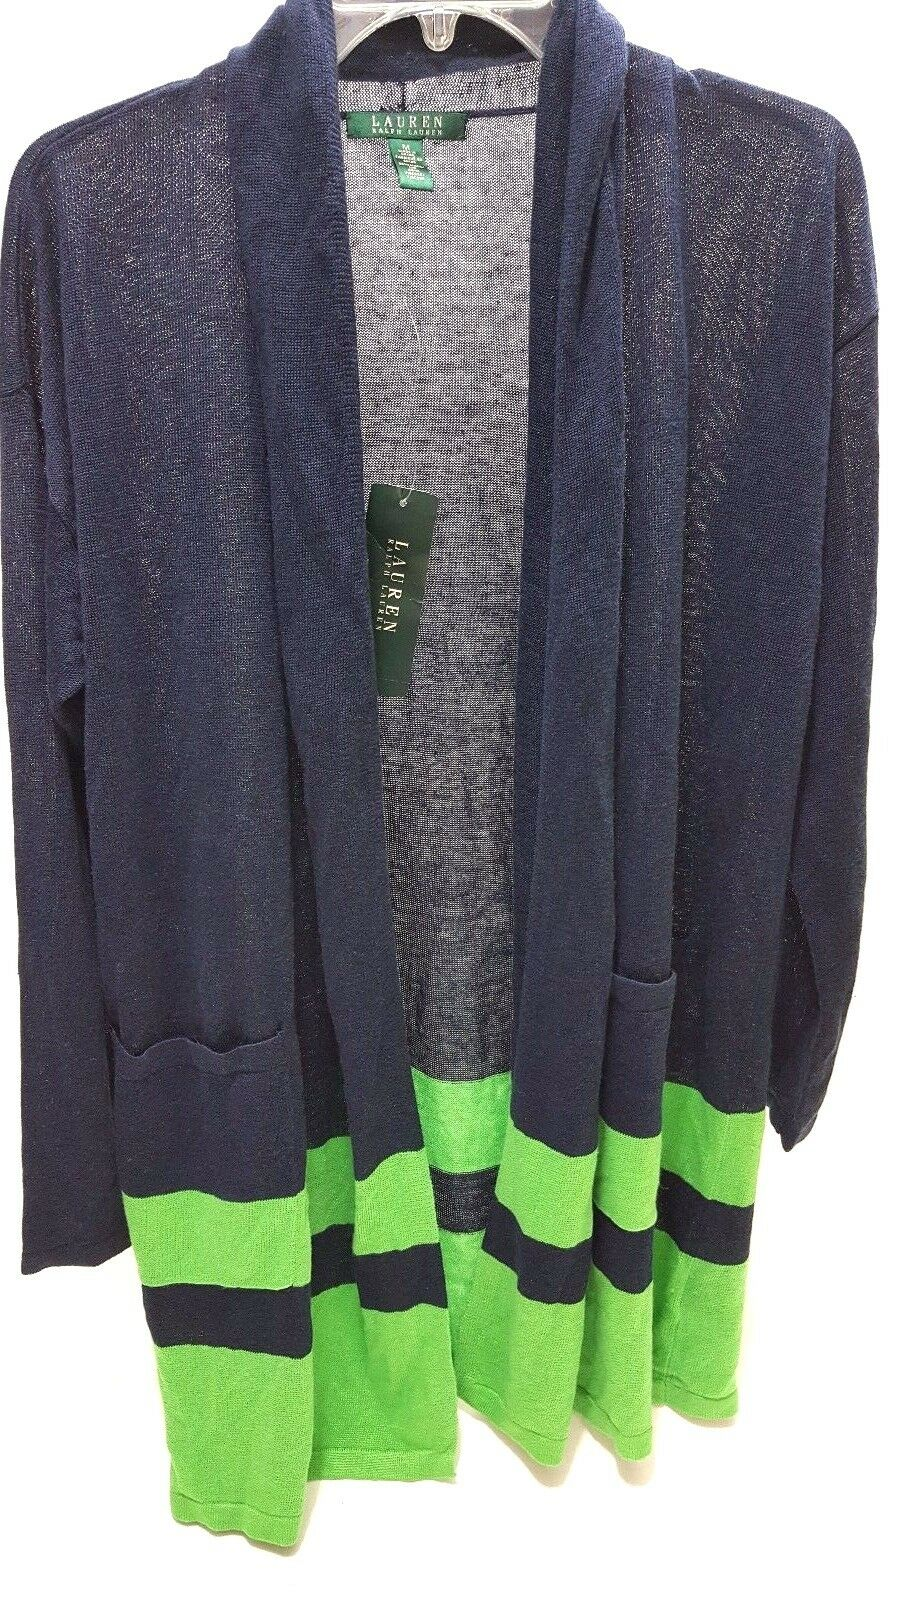 Ralph Lauren Women's Linen Blend Cardigan Sweater M Navy/green | eBay